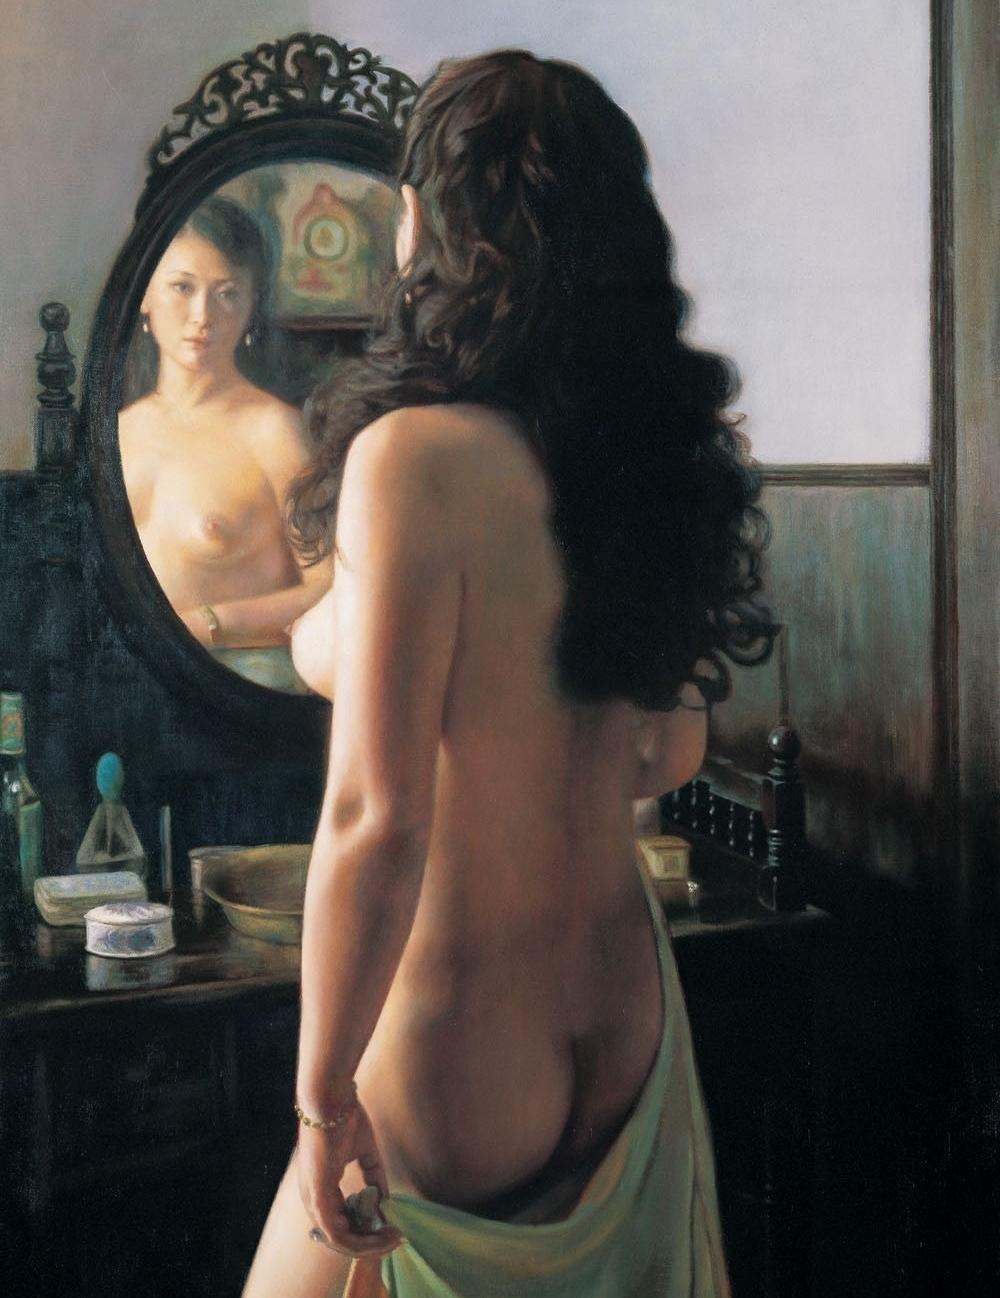 photo woman naked mirror